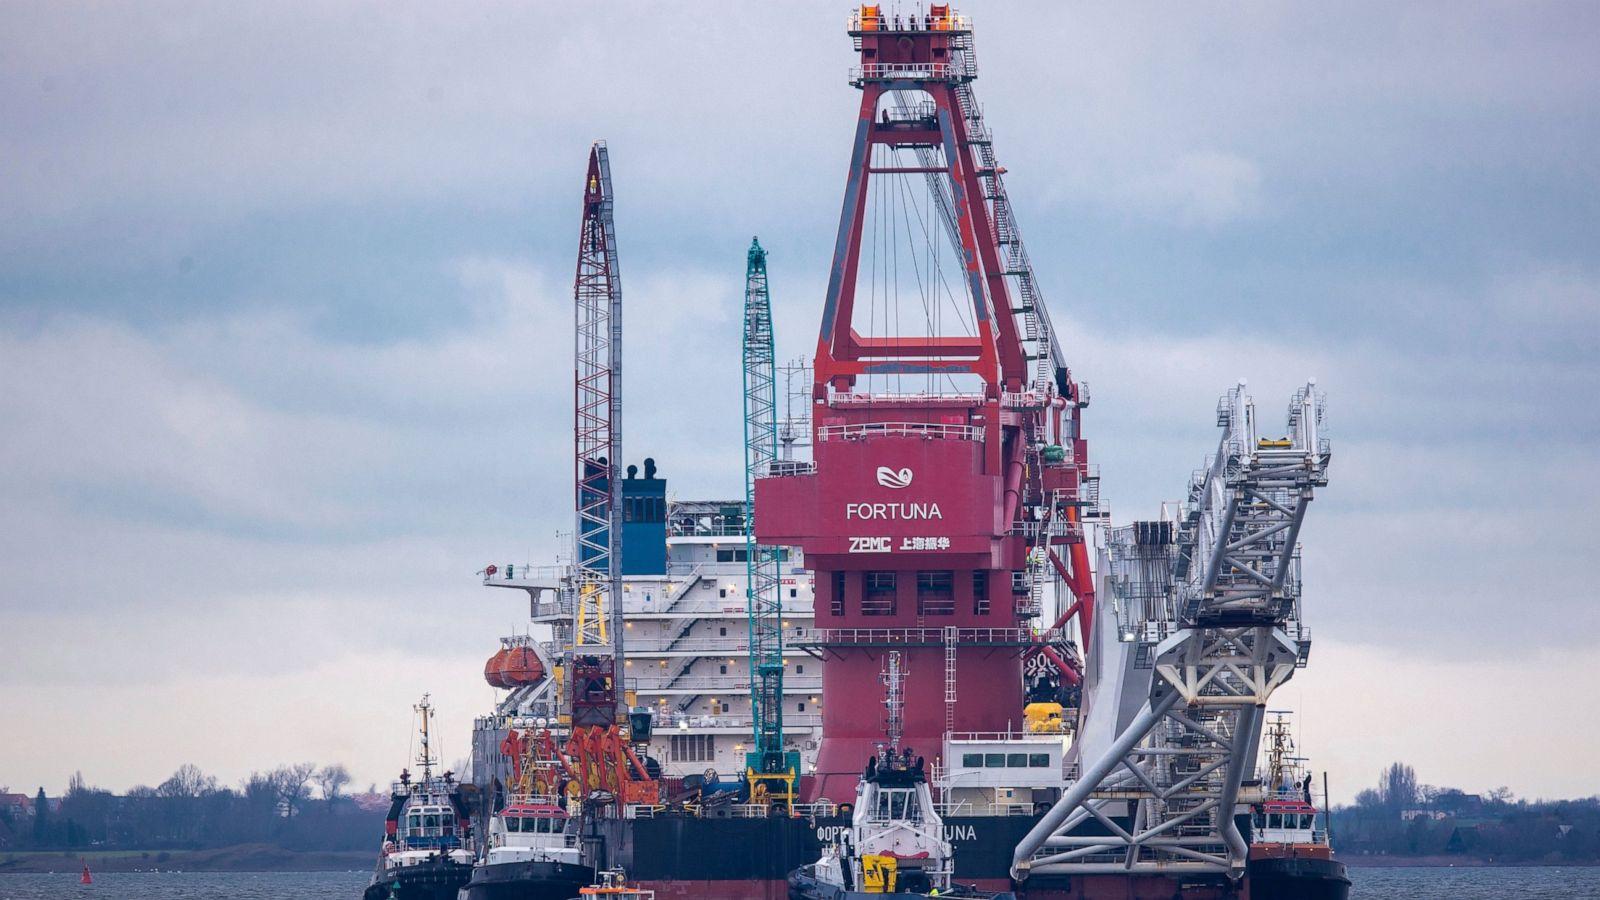 abcnews.go.com -  SAMUEL PETREQUIN Associated Press - EU ministers debate how to tackle rising energy costs